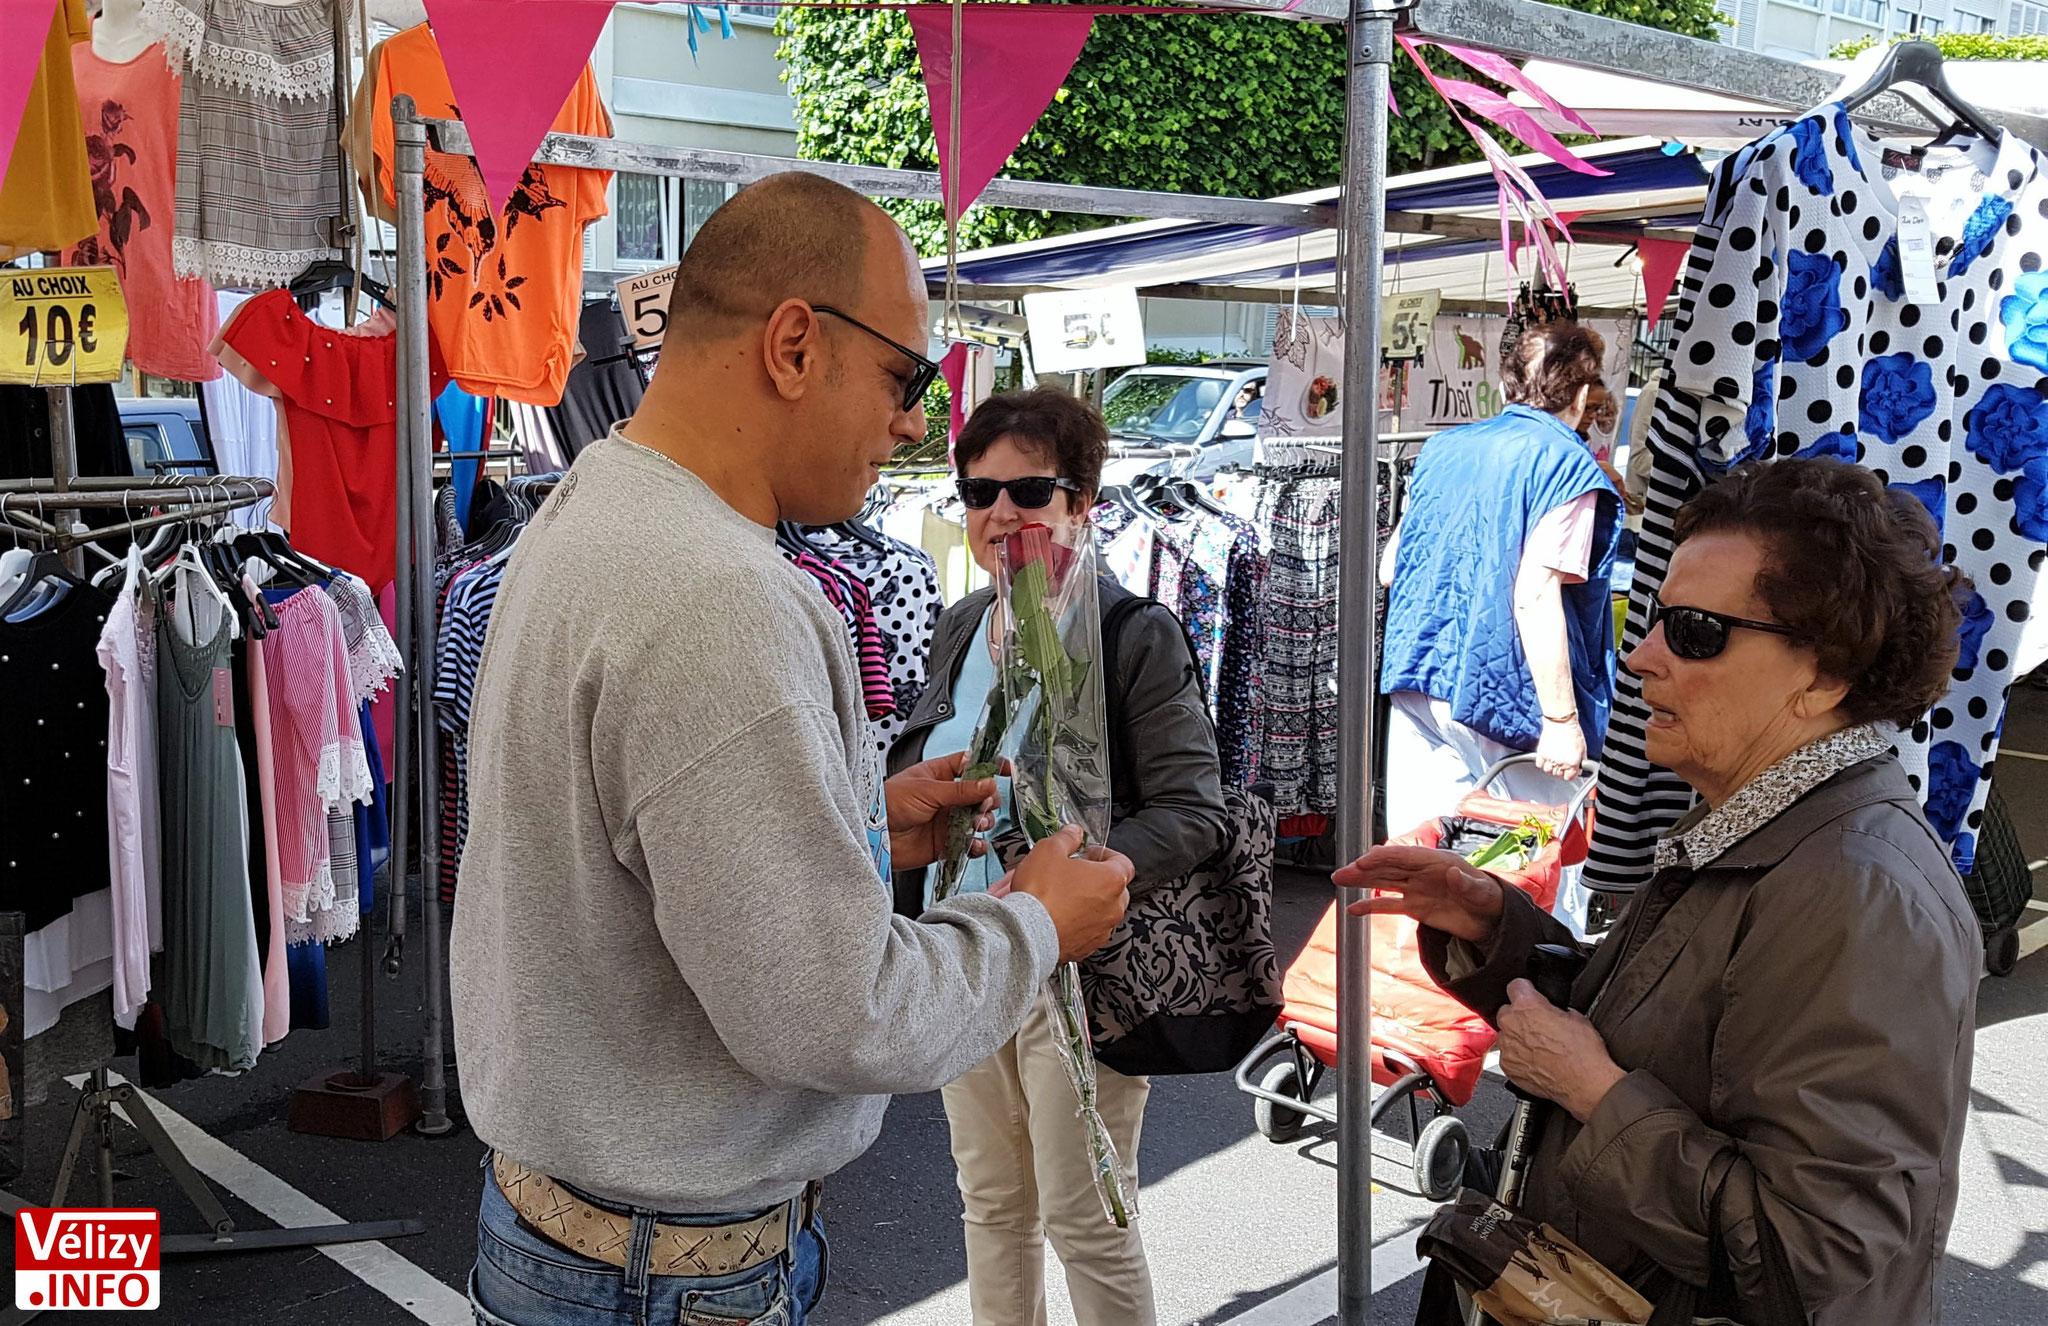 Fête des Mères au marché du Mail de Vélizy, le samedi 26 mai 2018.